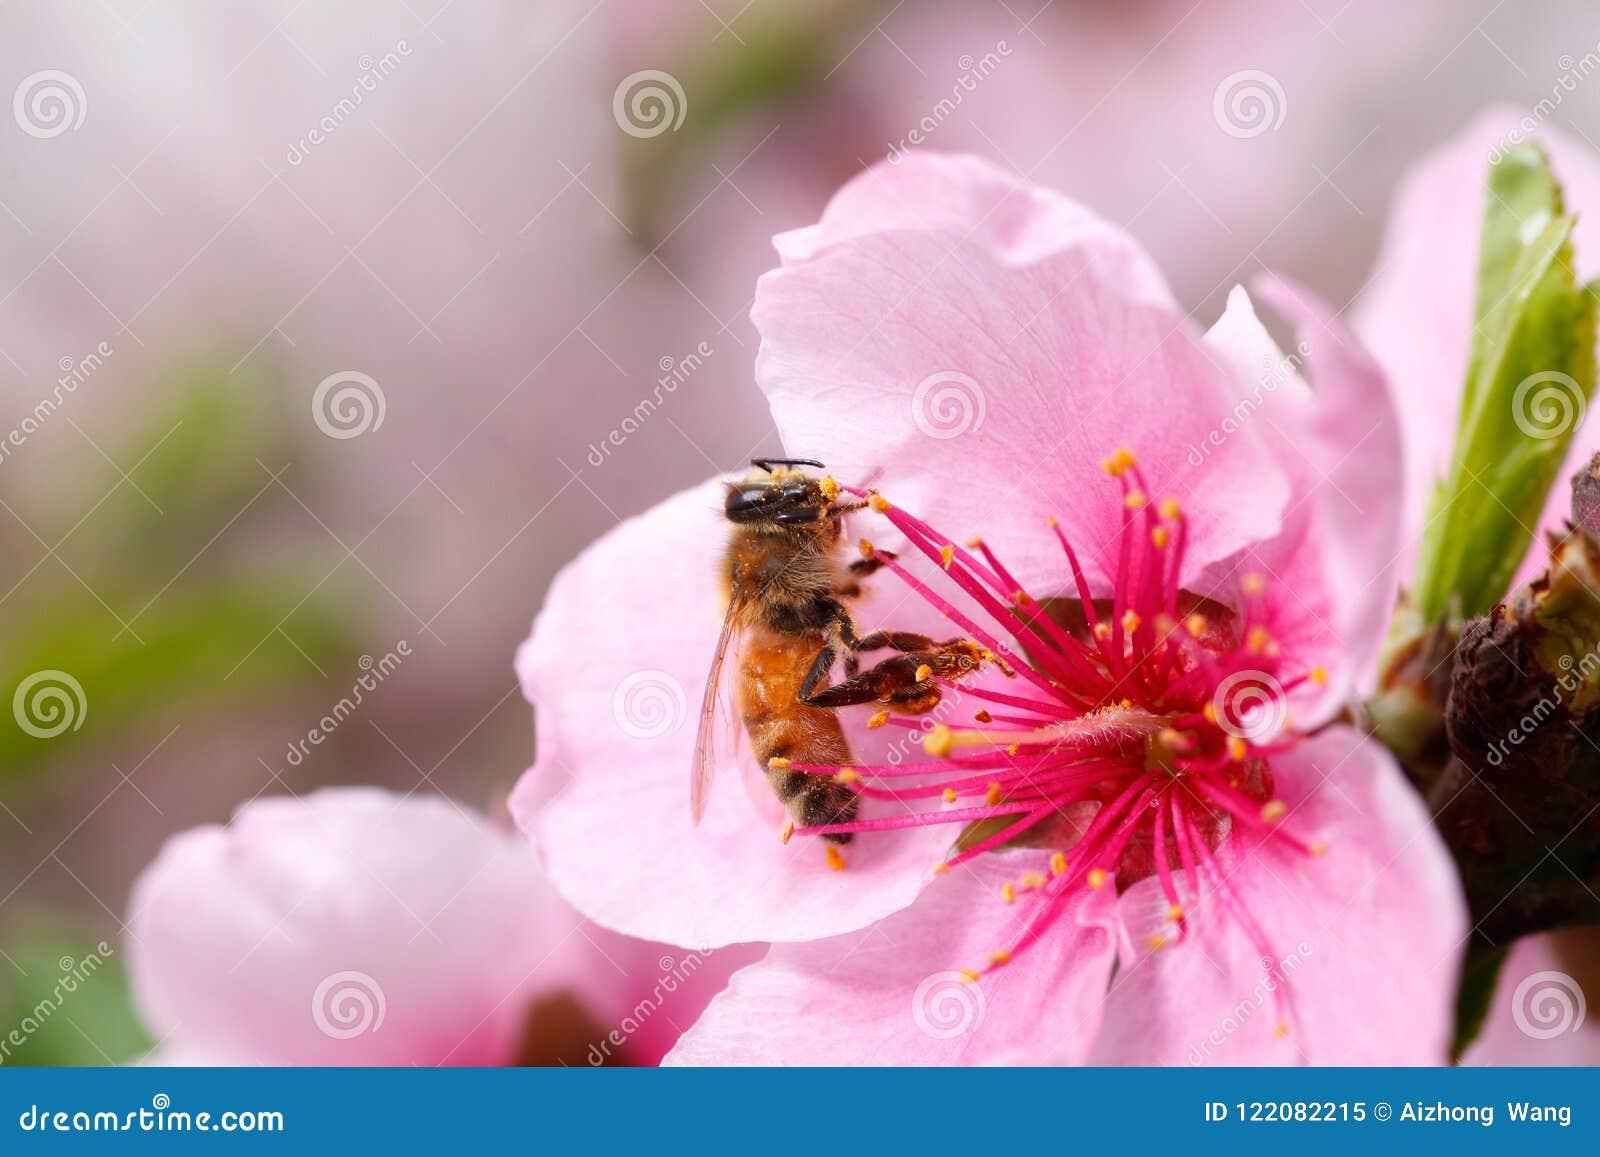 蜂收集花蜜